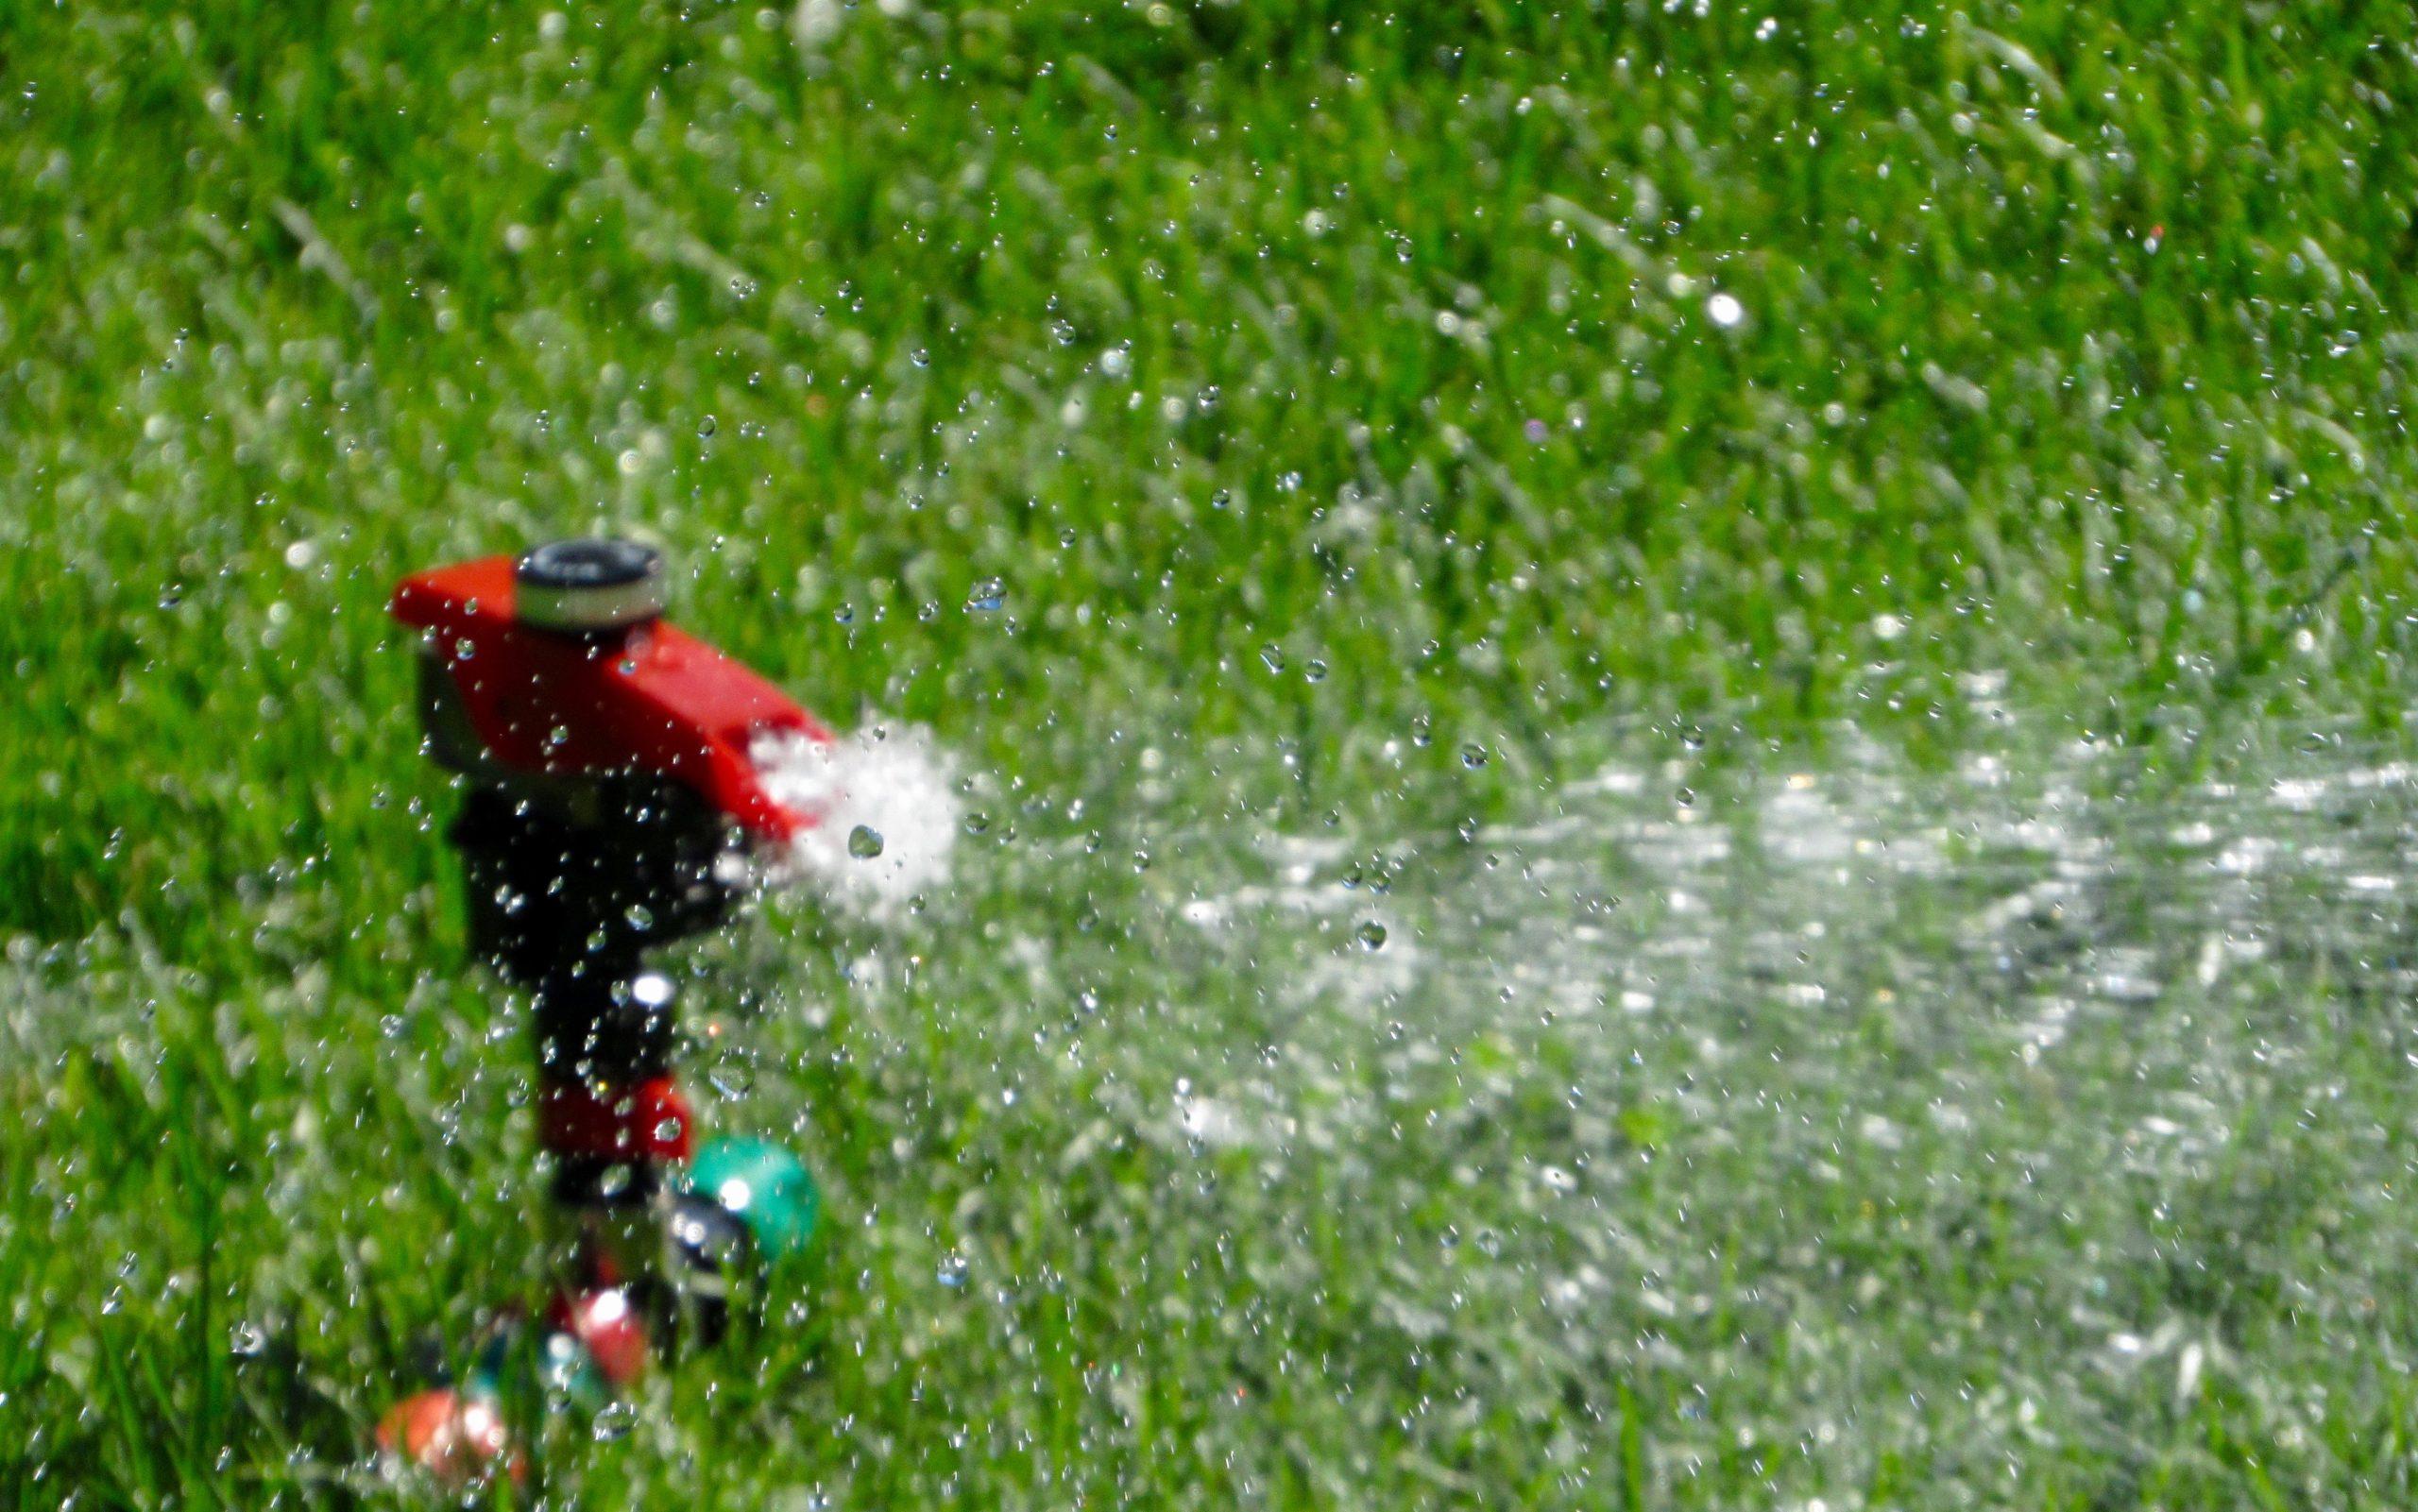 The Sprinkler